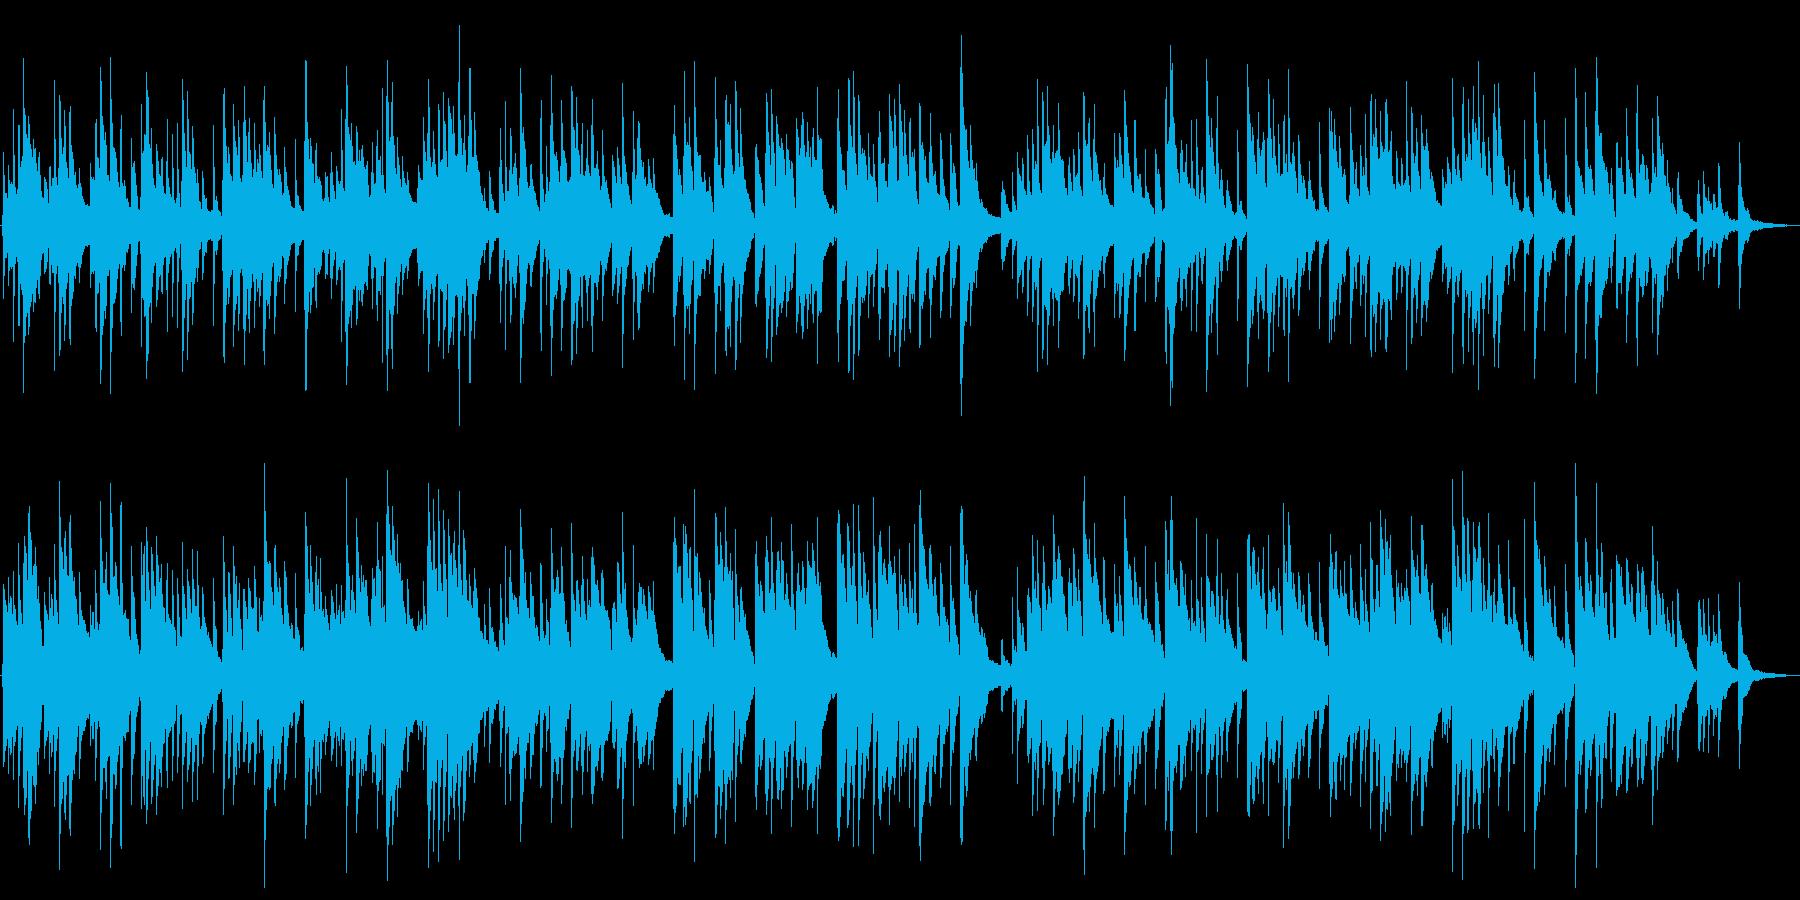 ゆったりした琴とピアノの和風楽曲の再生済みの波形